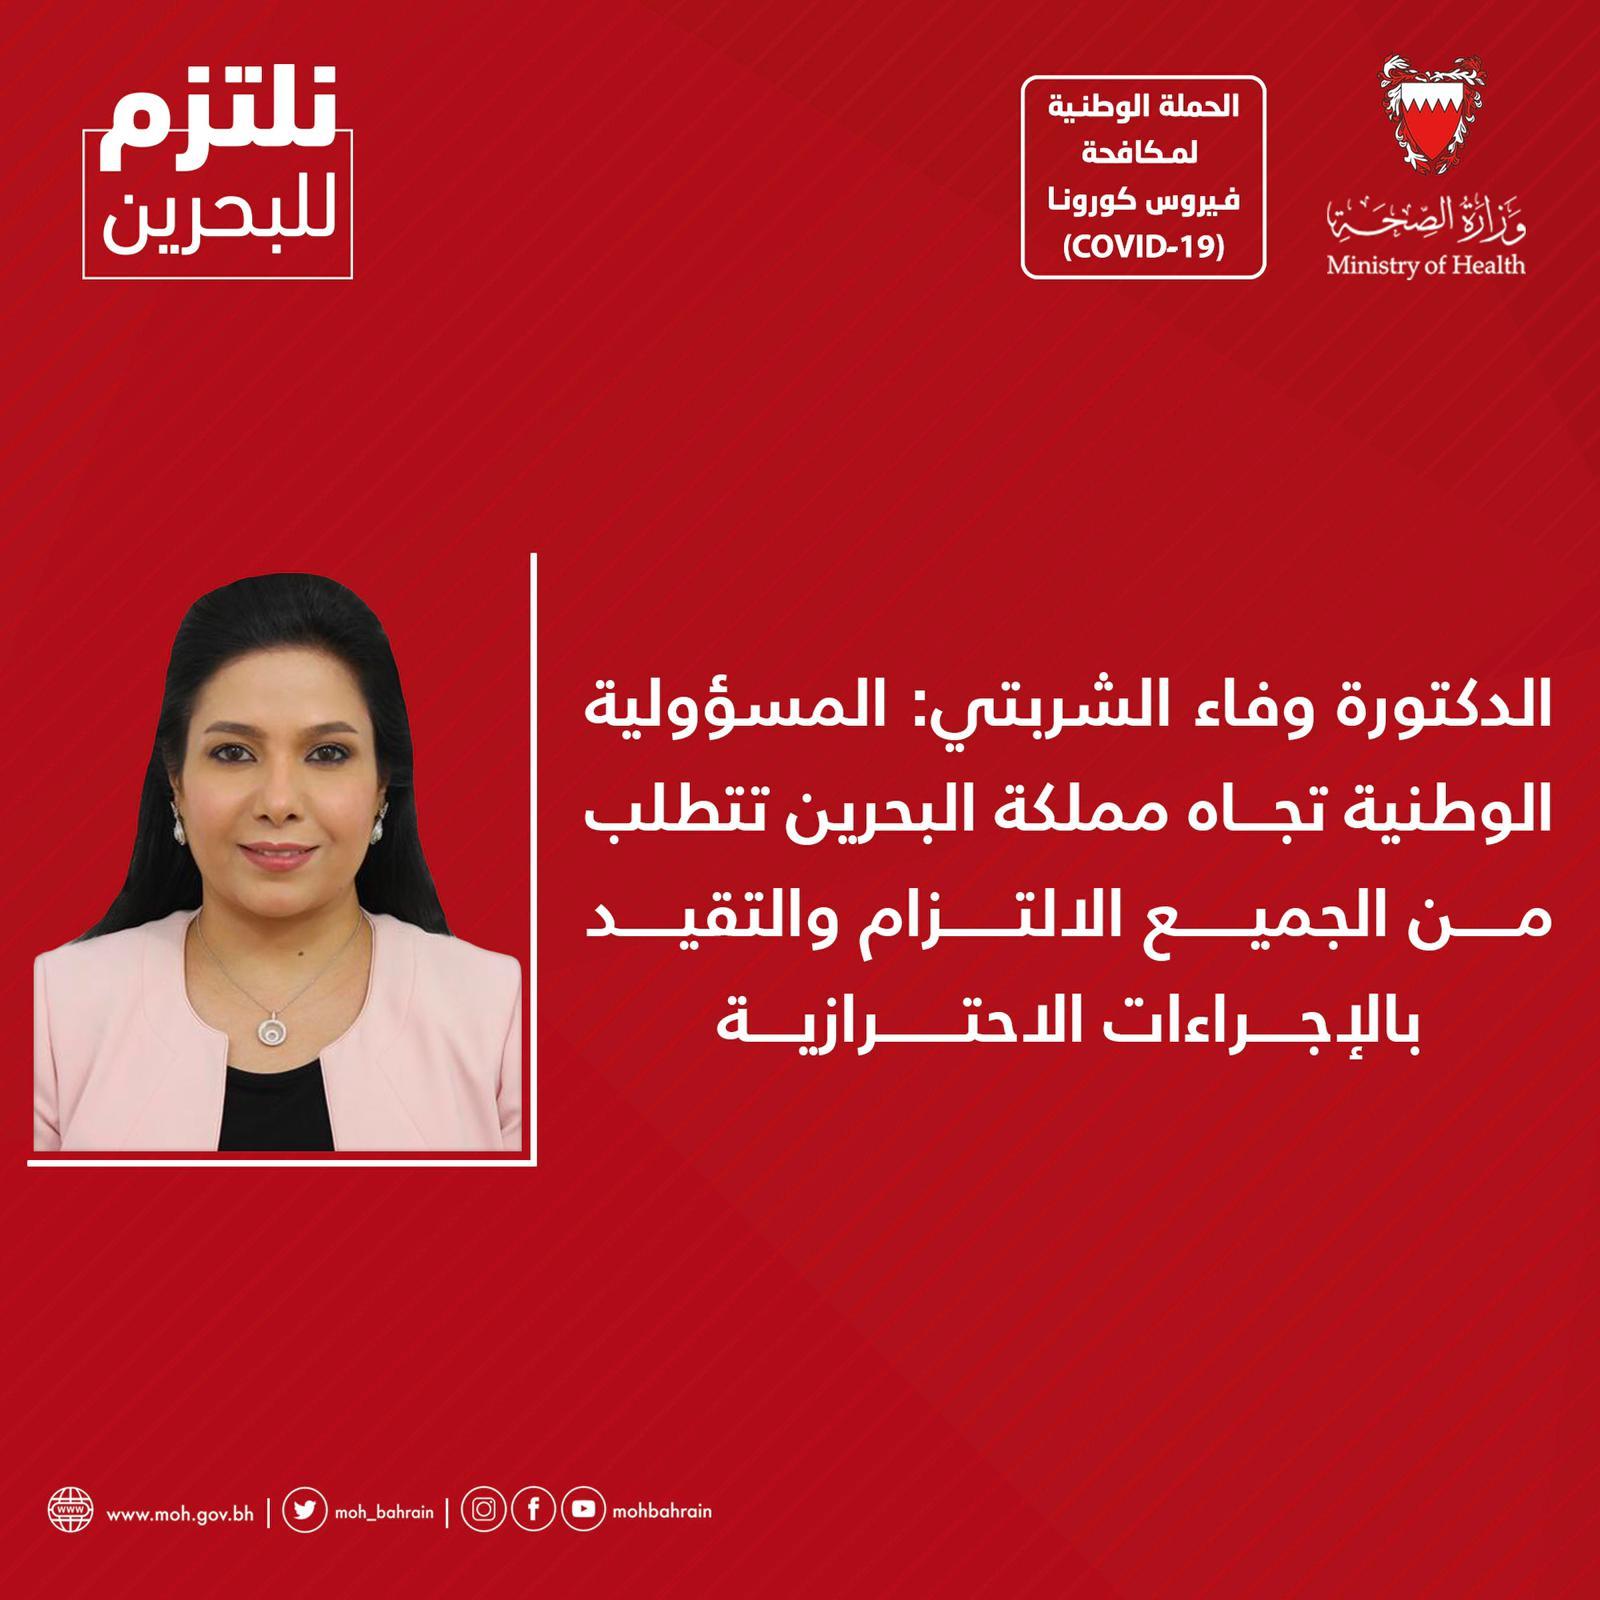 الدكتورة وفاء الشربتي: المسؤولية الوطنية تجاه مملكة البحرين تتطلب من الجميع الالتزام والتقيد بالإجراءات الاحترازية